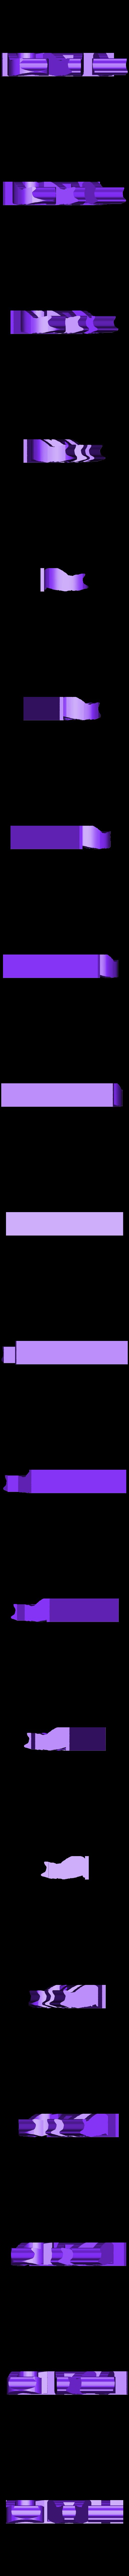 Cat.stl Télécharger fichier STL gratuit OmniCat • Plan à imprimer en 3D, DK7